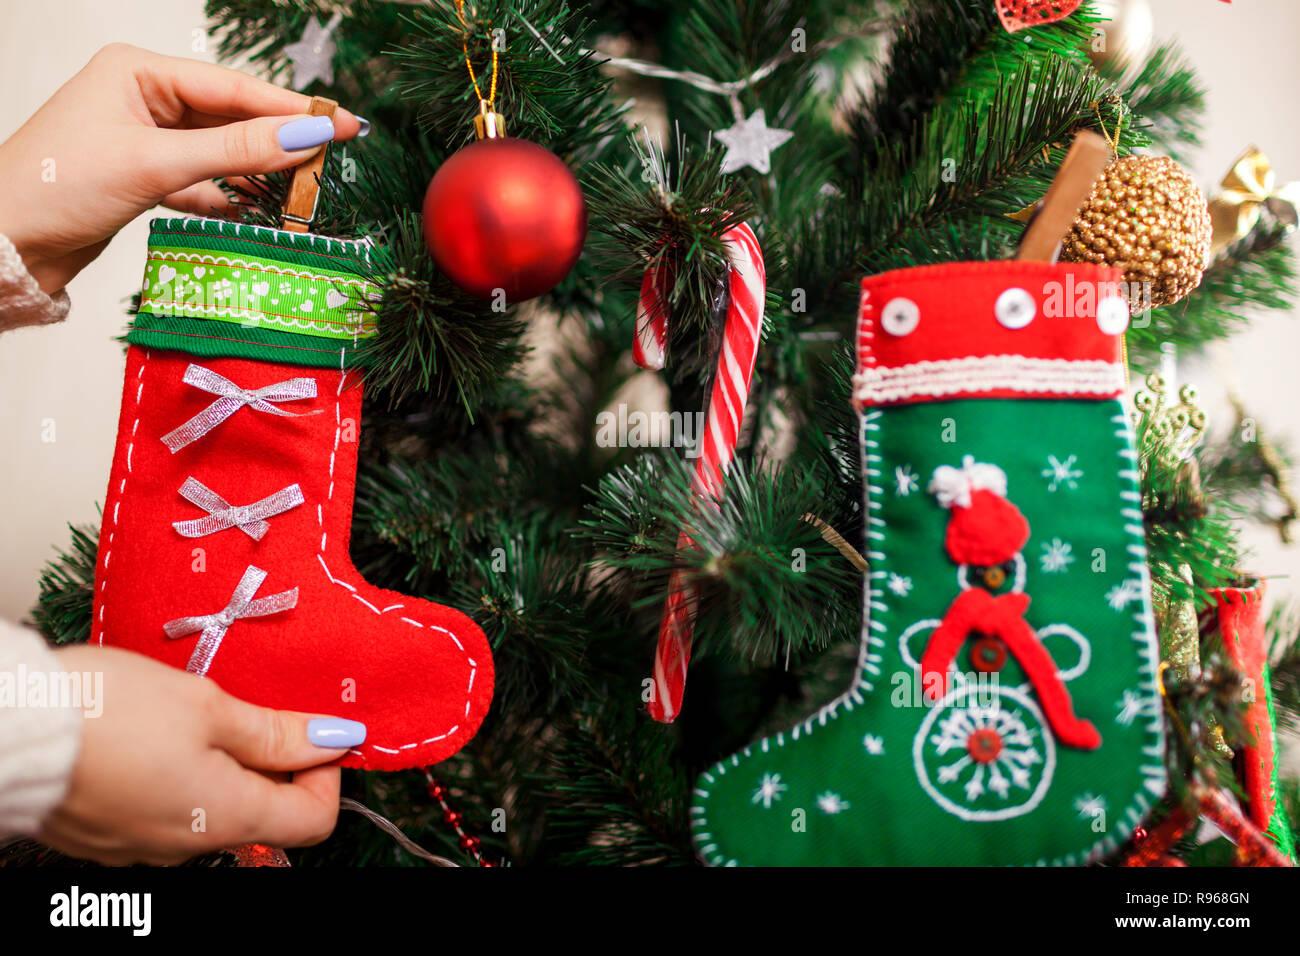 Como Decorar Calcetines Para Navidad.Mujer Joven Decorar Arbol De Navidad Con Los Calcetines En